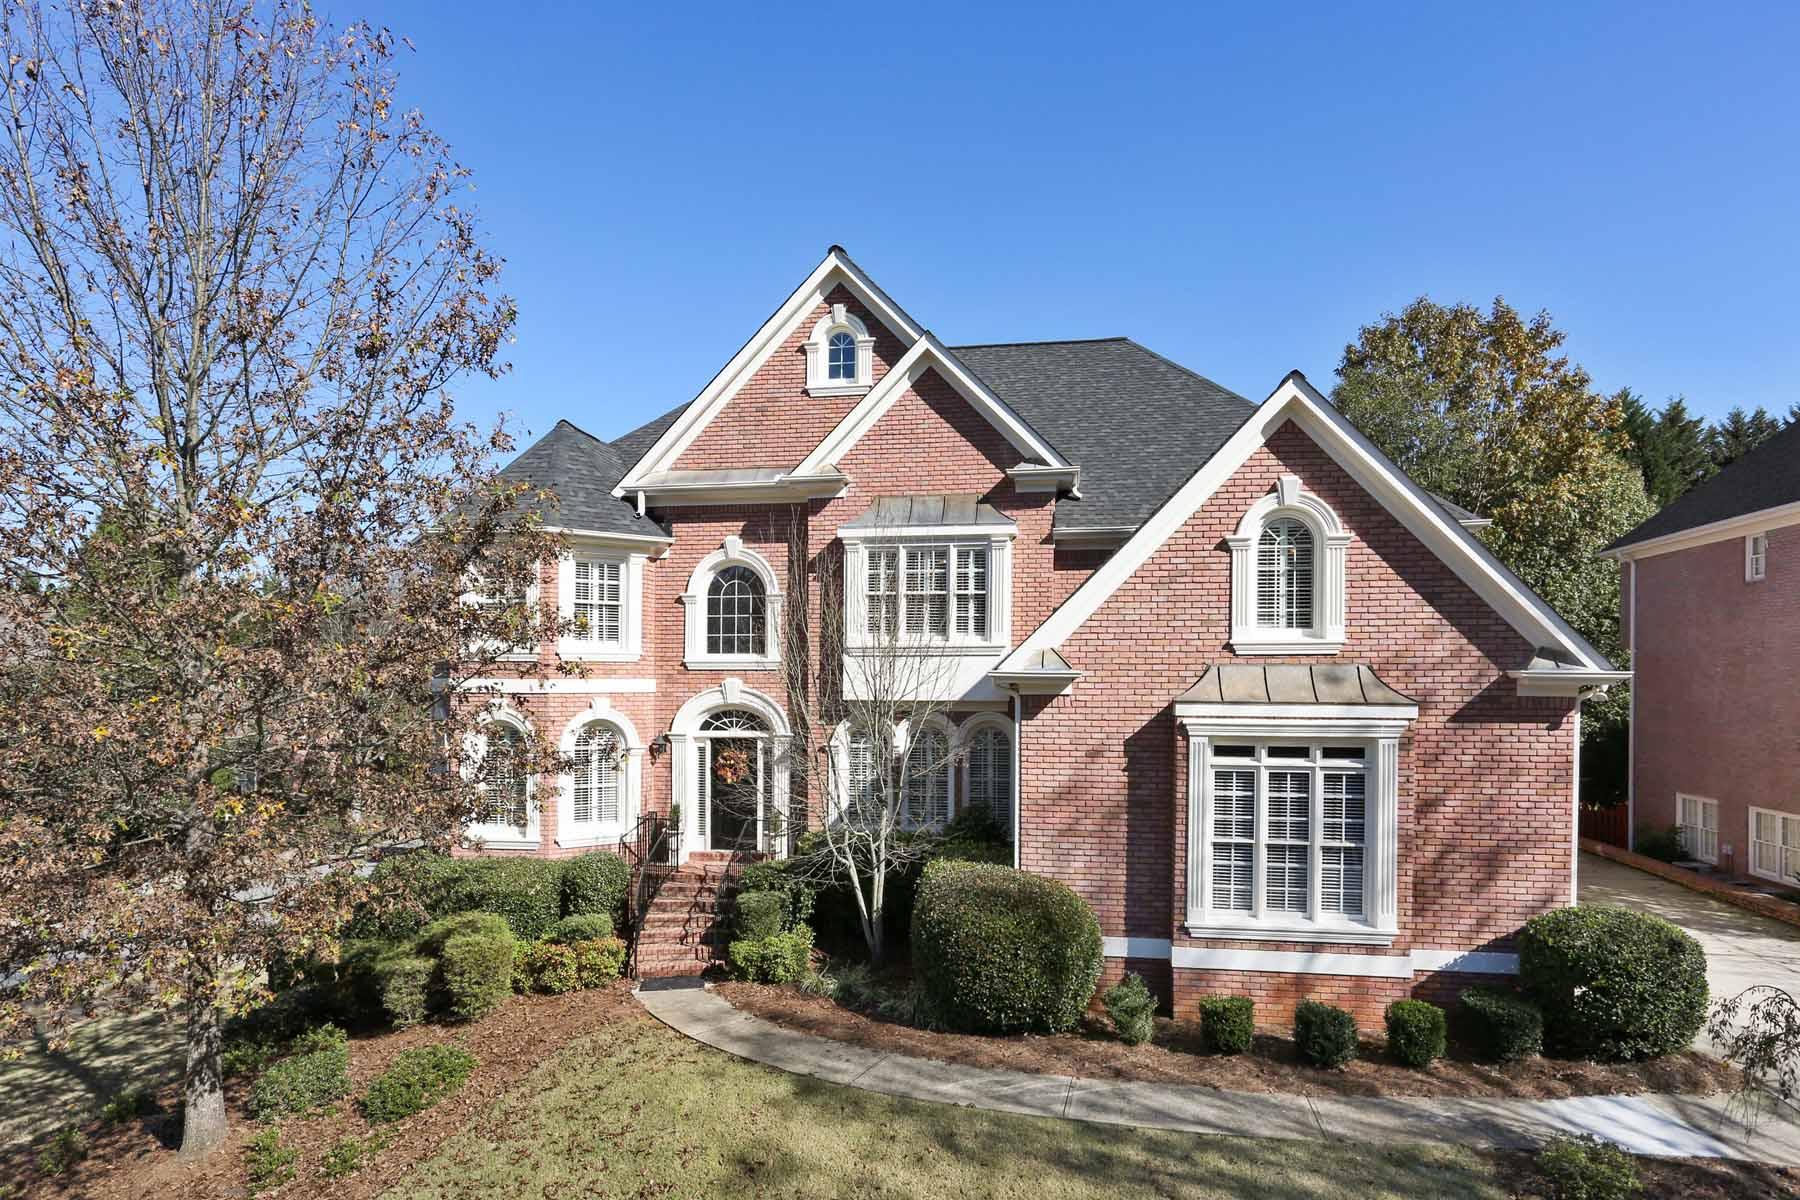 Maison unifamiliale pour l Vente à Awesome Neighborhood, Fantastic Location 10485 Stanyan Street Alpharetta, Georgia 30022 États-Unis